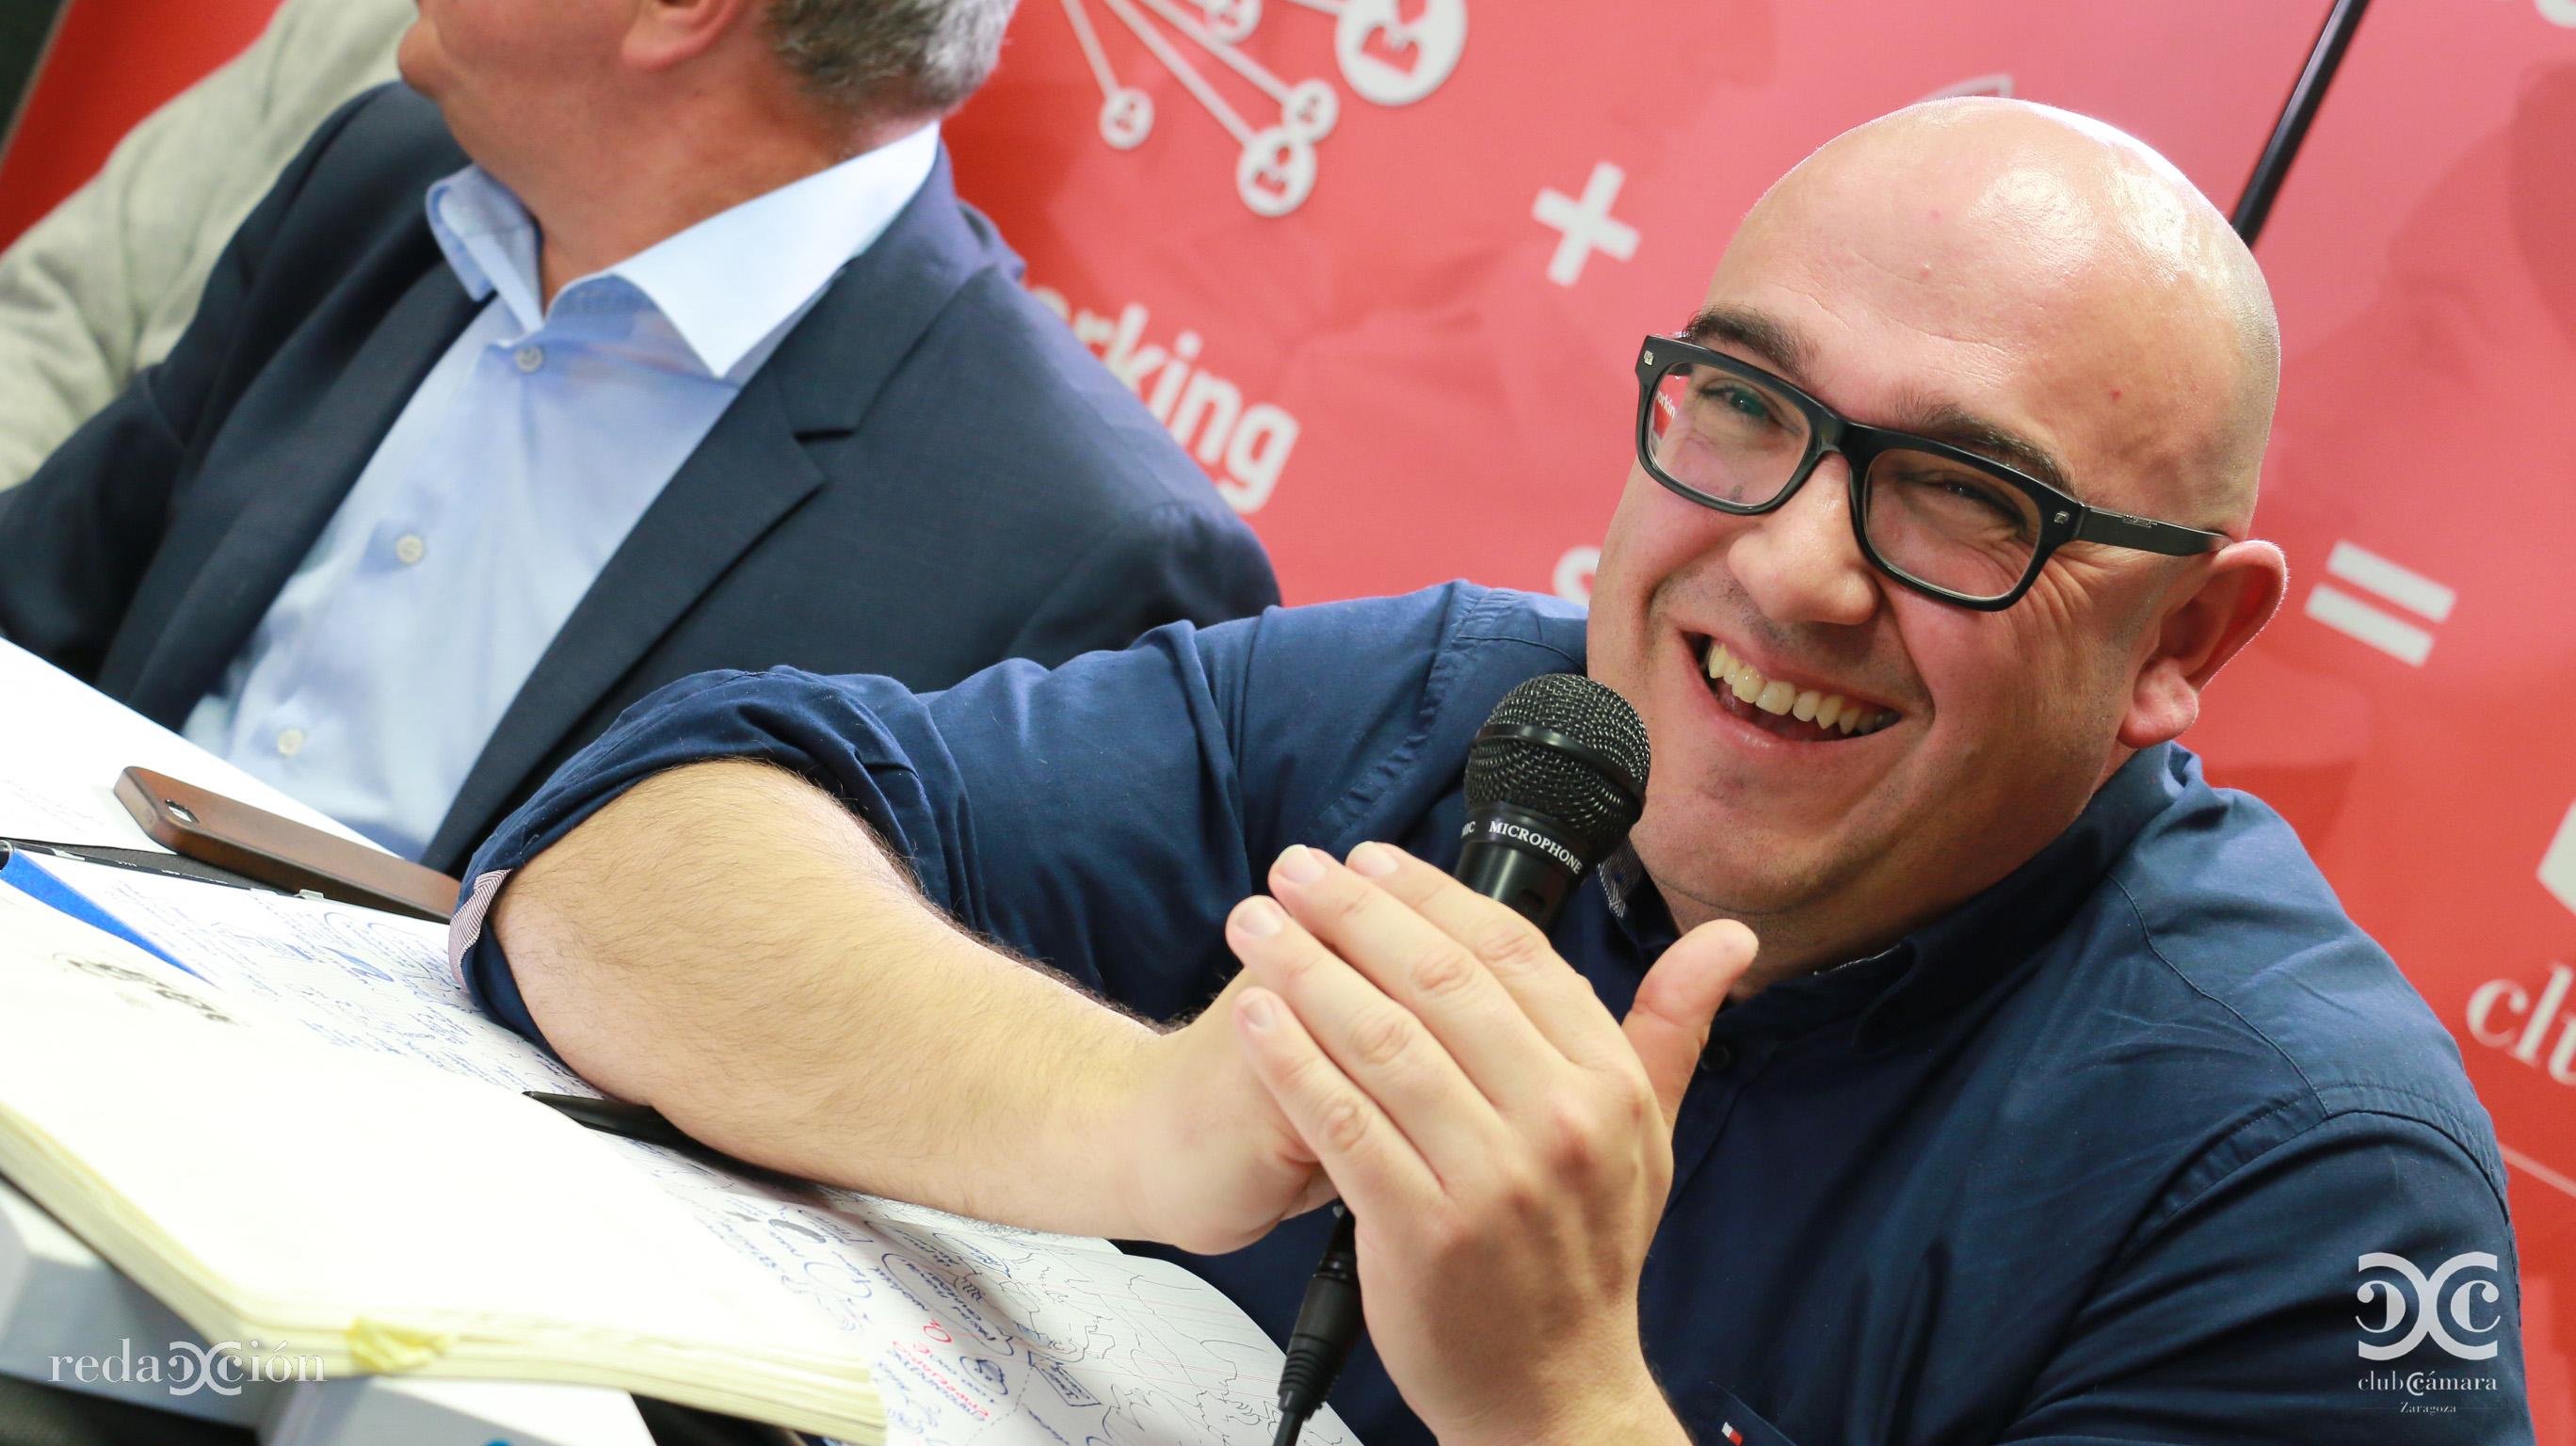 Fernando Abadía